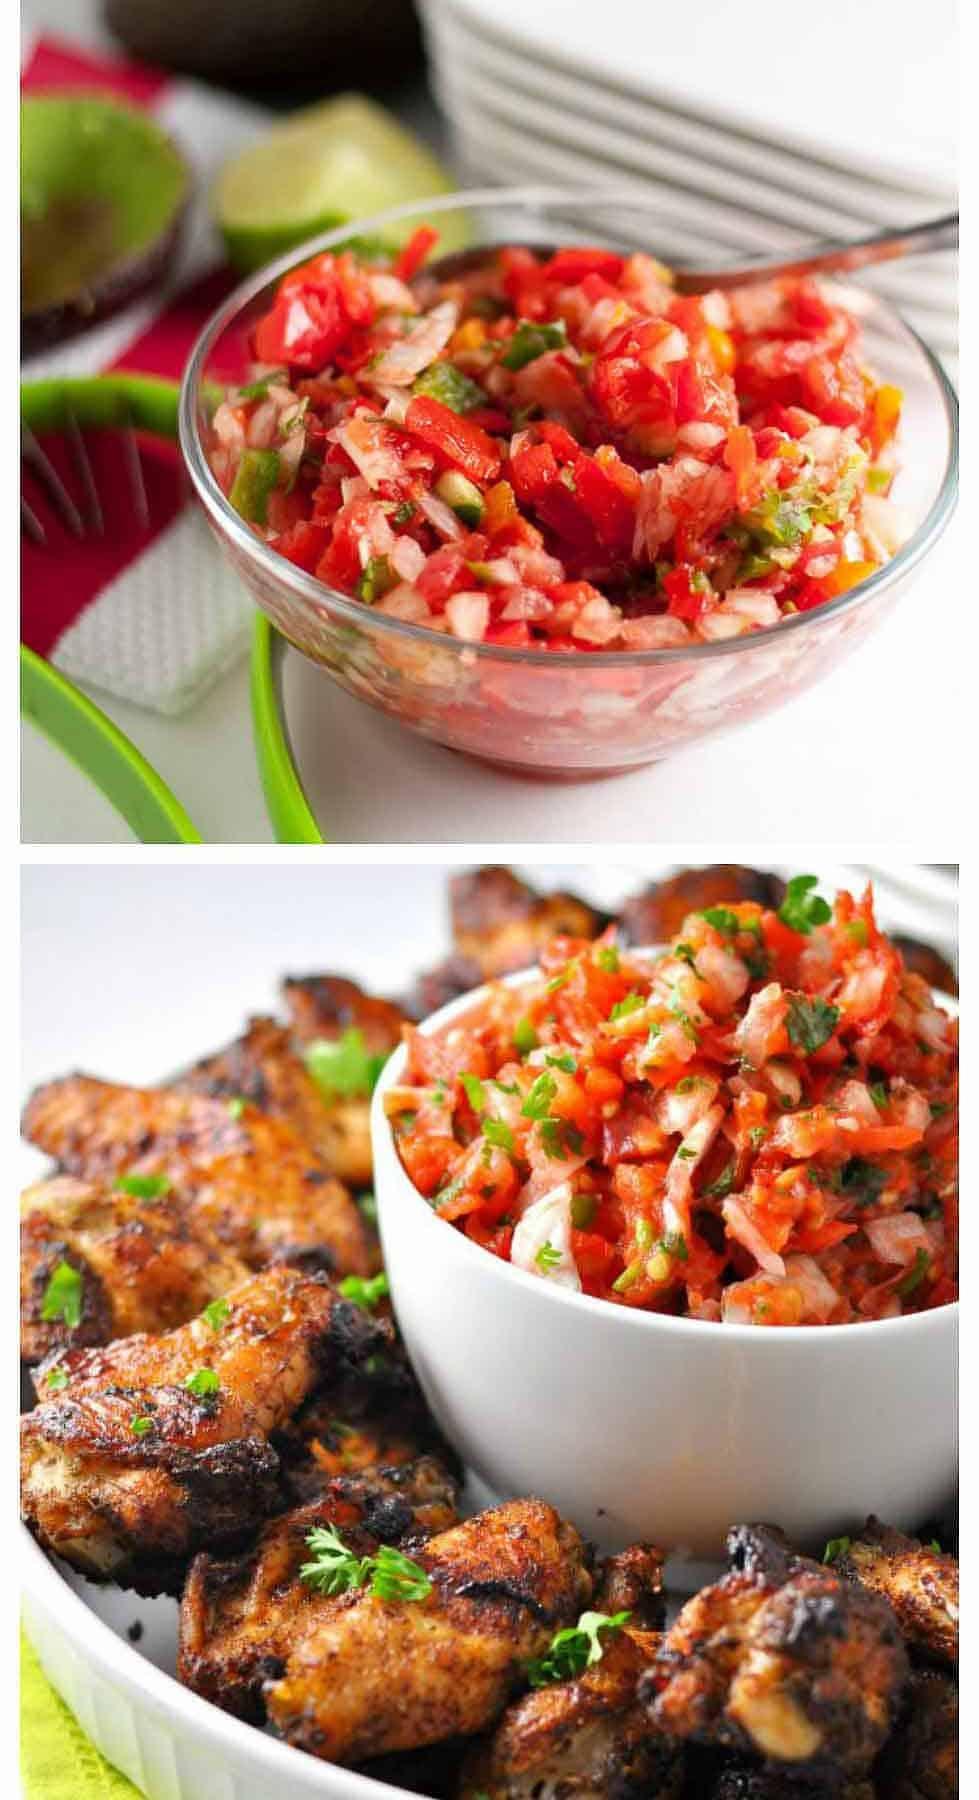 Pico de Gallo or Salsa Fresca. Six Fresh Salsa Recipes to Spice Up Your Life